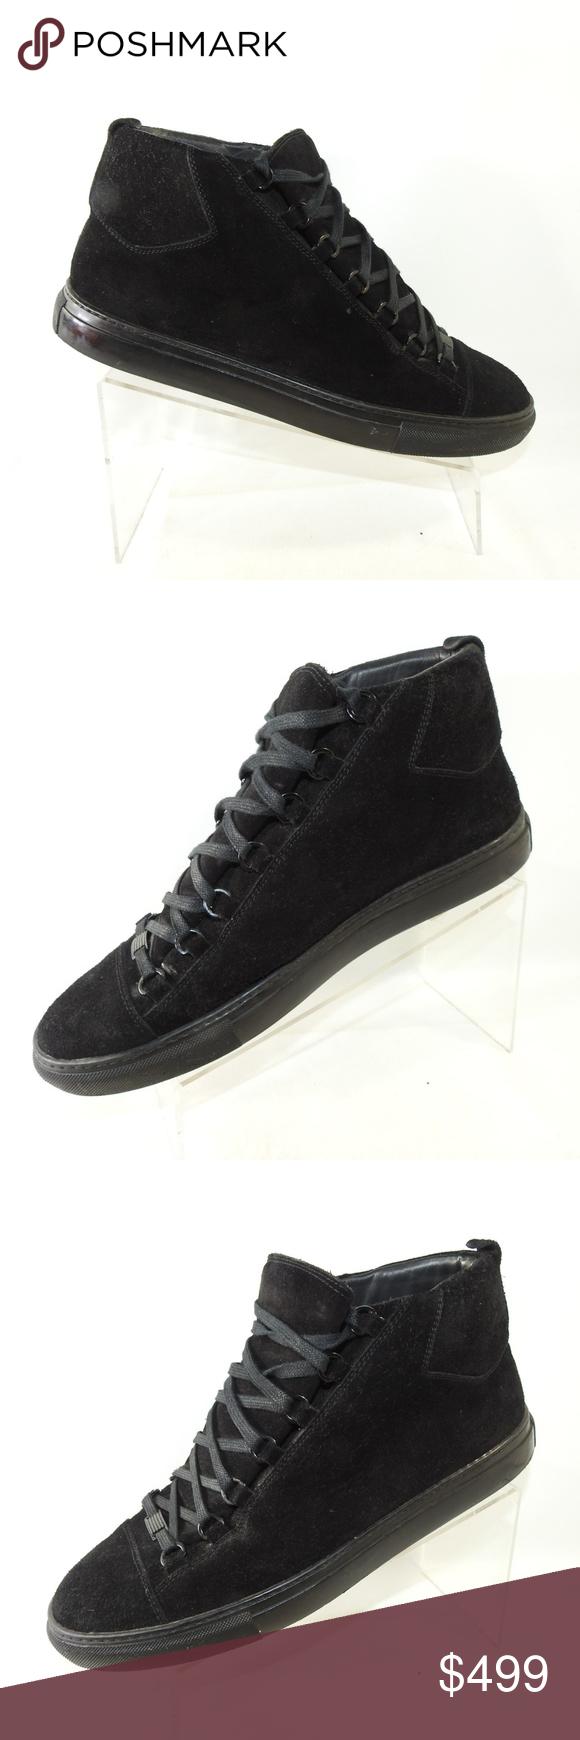 Balenciaga Arena Size 12 Black Sneakers